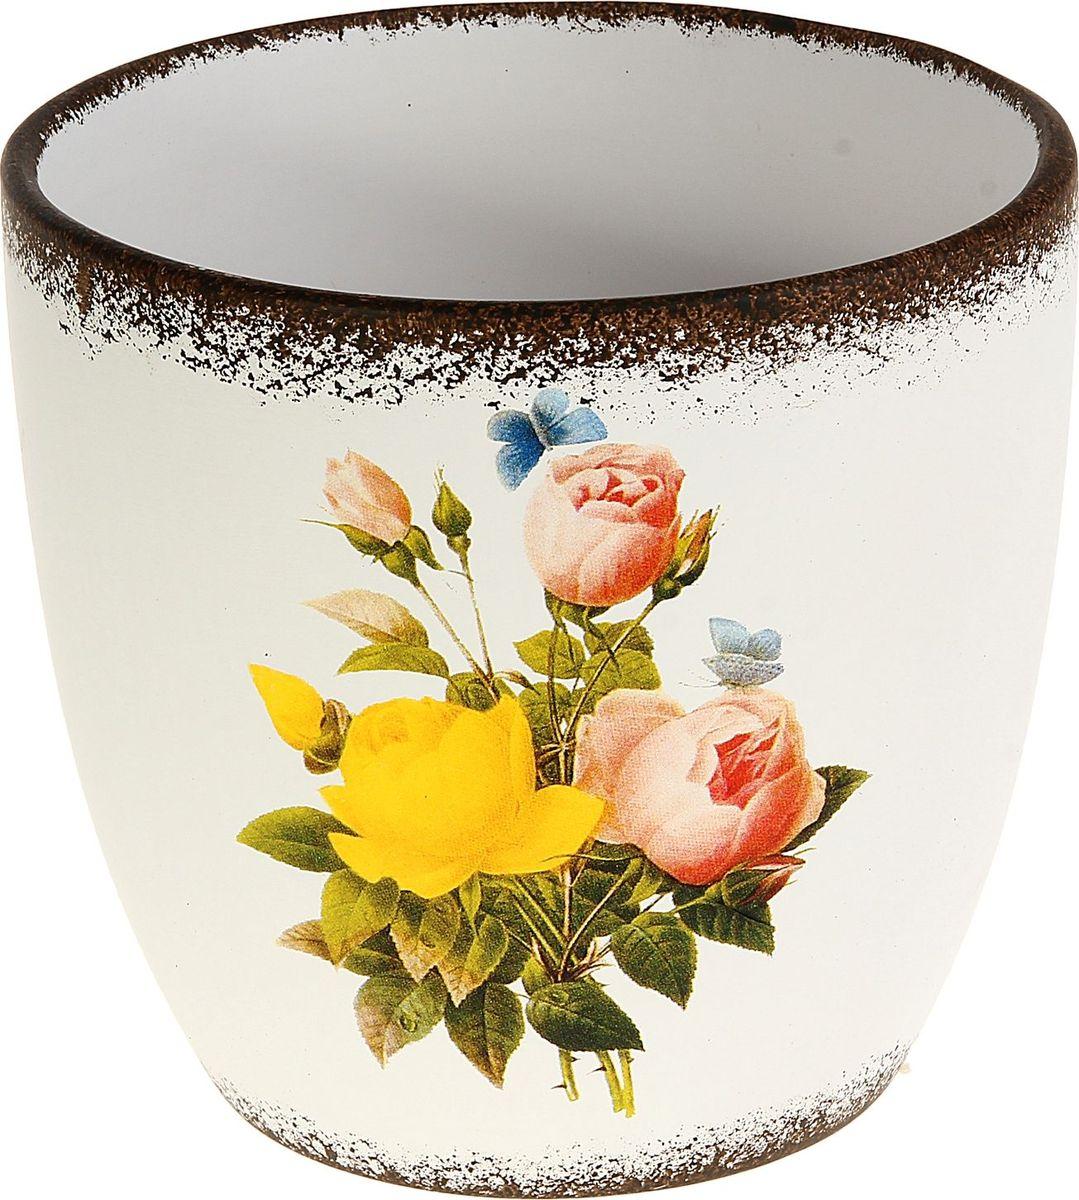 Кашпо Розы, цвет: металлик, 10 х 15 х 15 см829715Комнатные растения — всеобщие любимцы. Они радуют глаз, насыщают помещение кислородом и украшают пространство. Каждому из них необходим свой удобный и красивый дом. Кашпо из керамики прекрасно подходят для высадки растений: за счёт пластичности глины и разных способов обработки существует великое множество форм и дизайновпористый материал позволяет испаряться лишней влагевоздух, необходимый для дыхания корней, проникает сквозь керамические стенки! #name# позаботится о зелёном питомце, освежит интерьер и подчеркнёт его стиль.